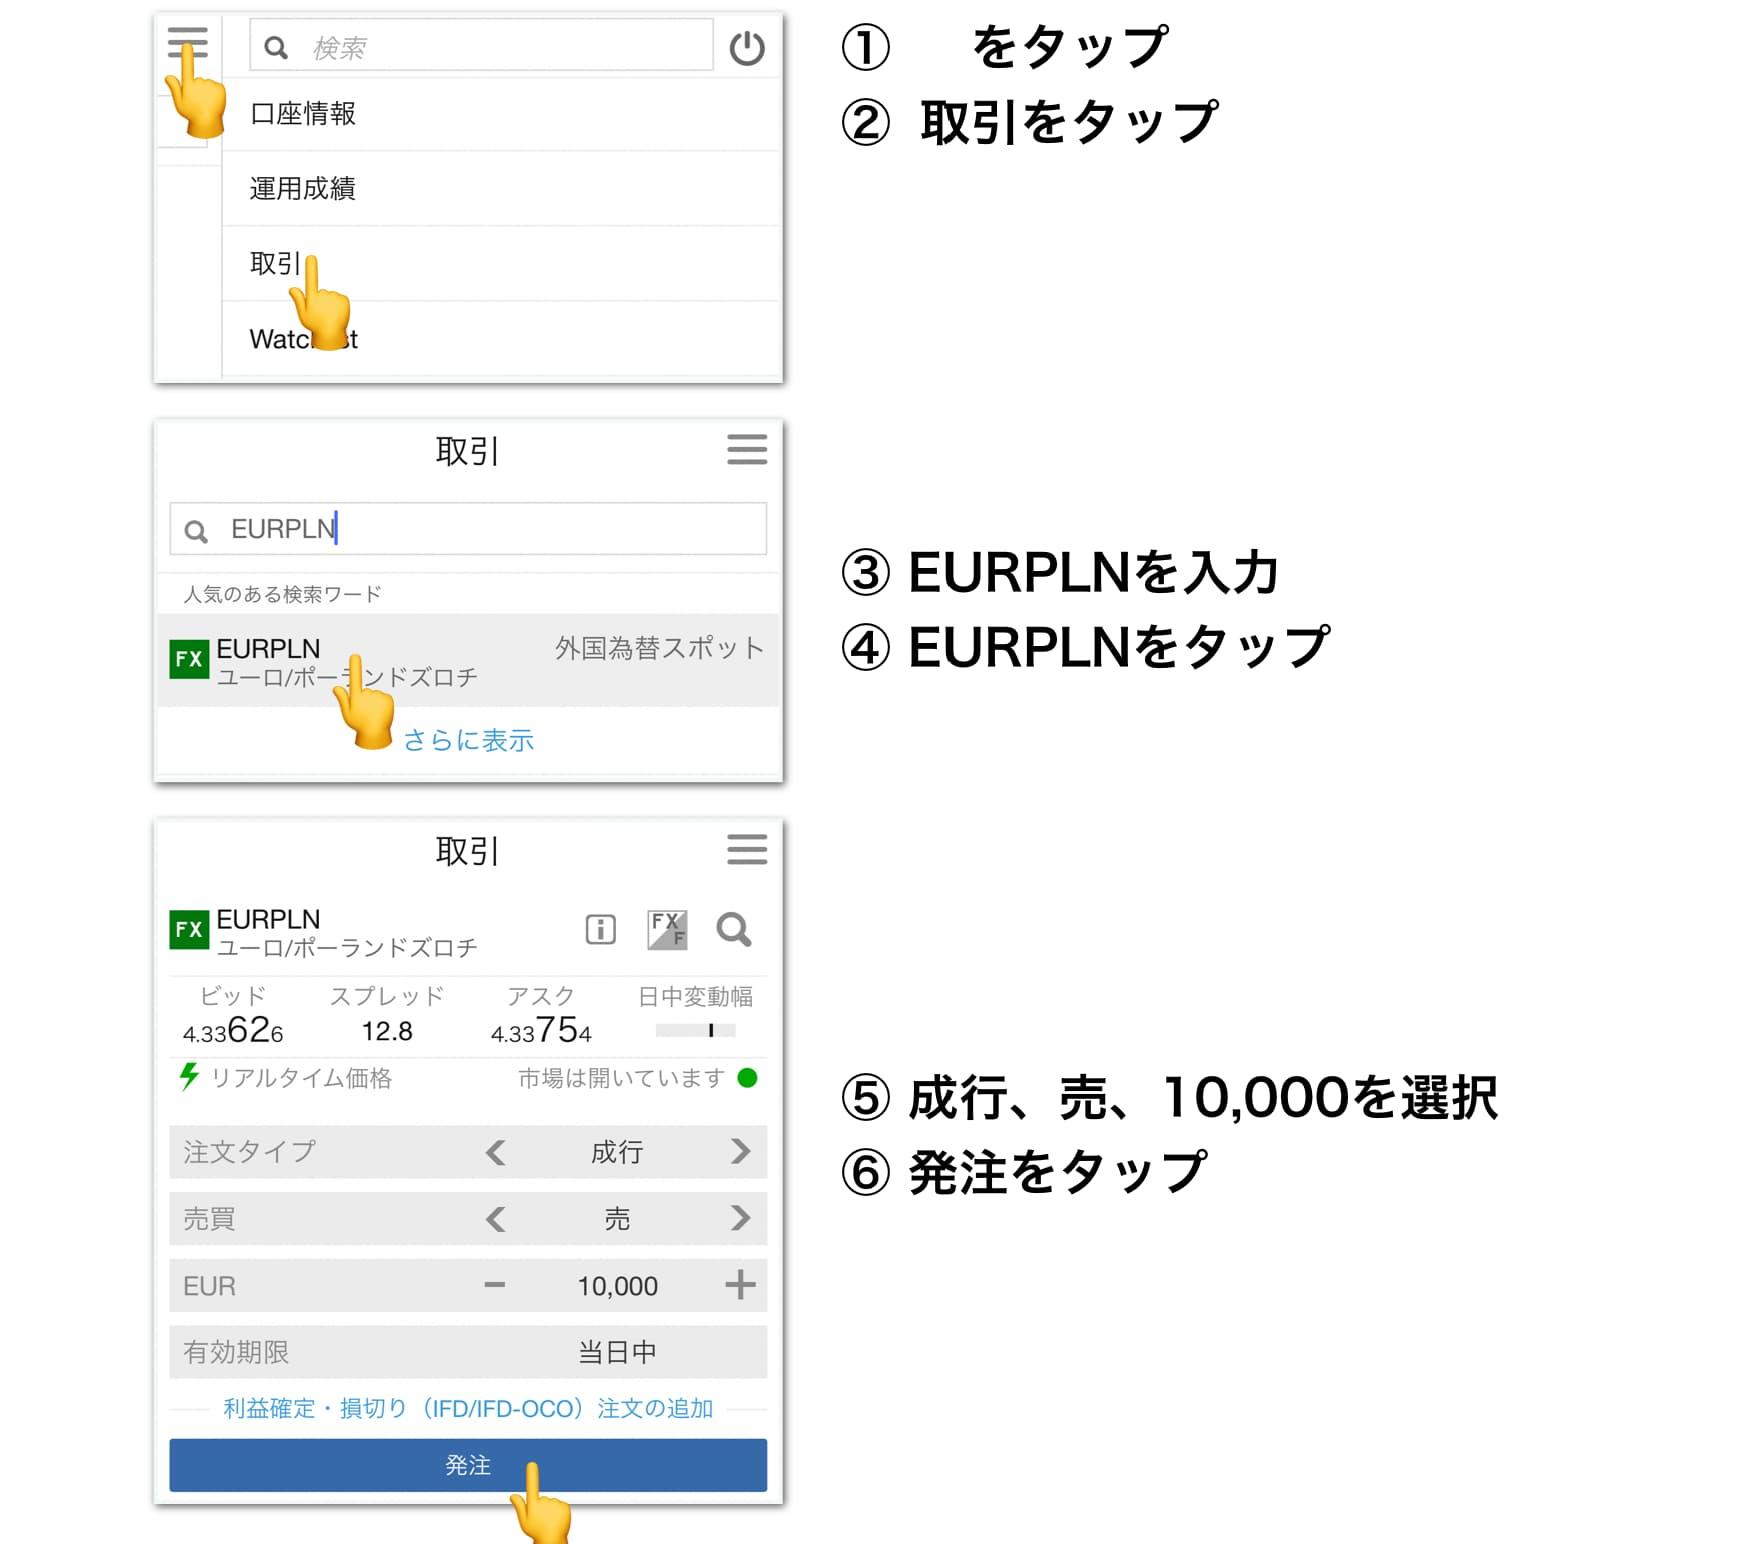 スマホアプリの注文画面